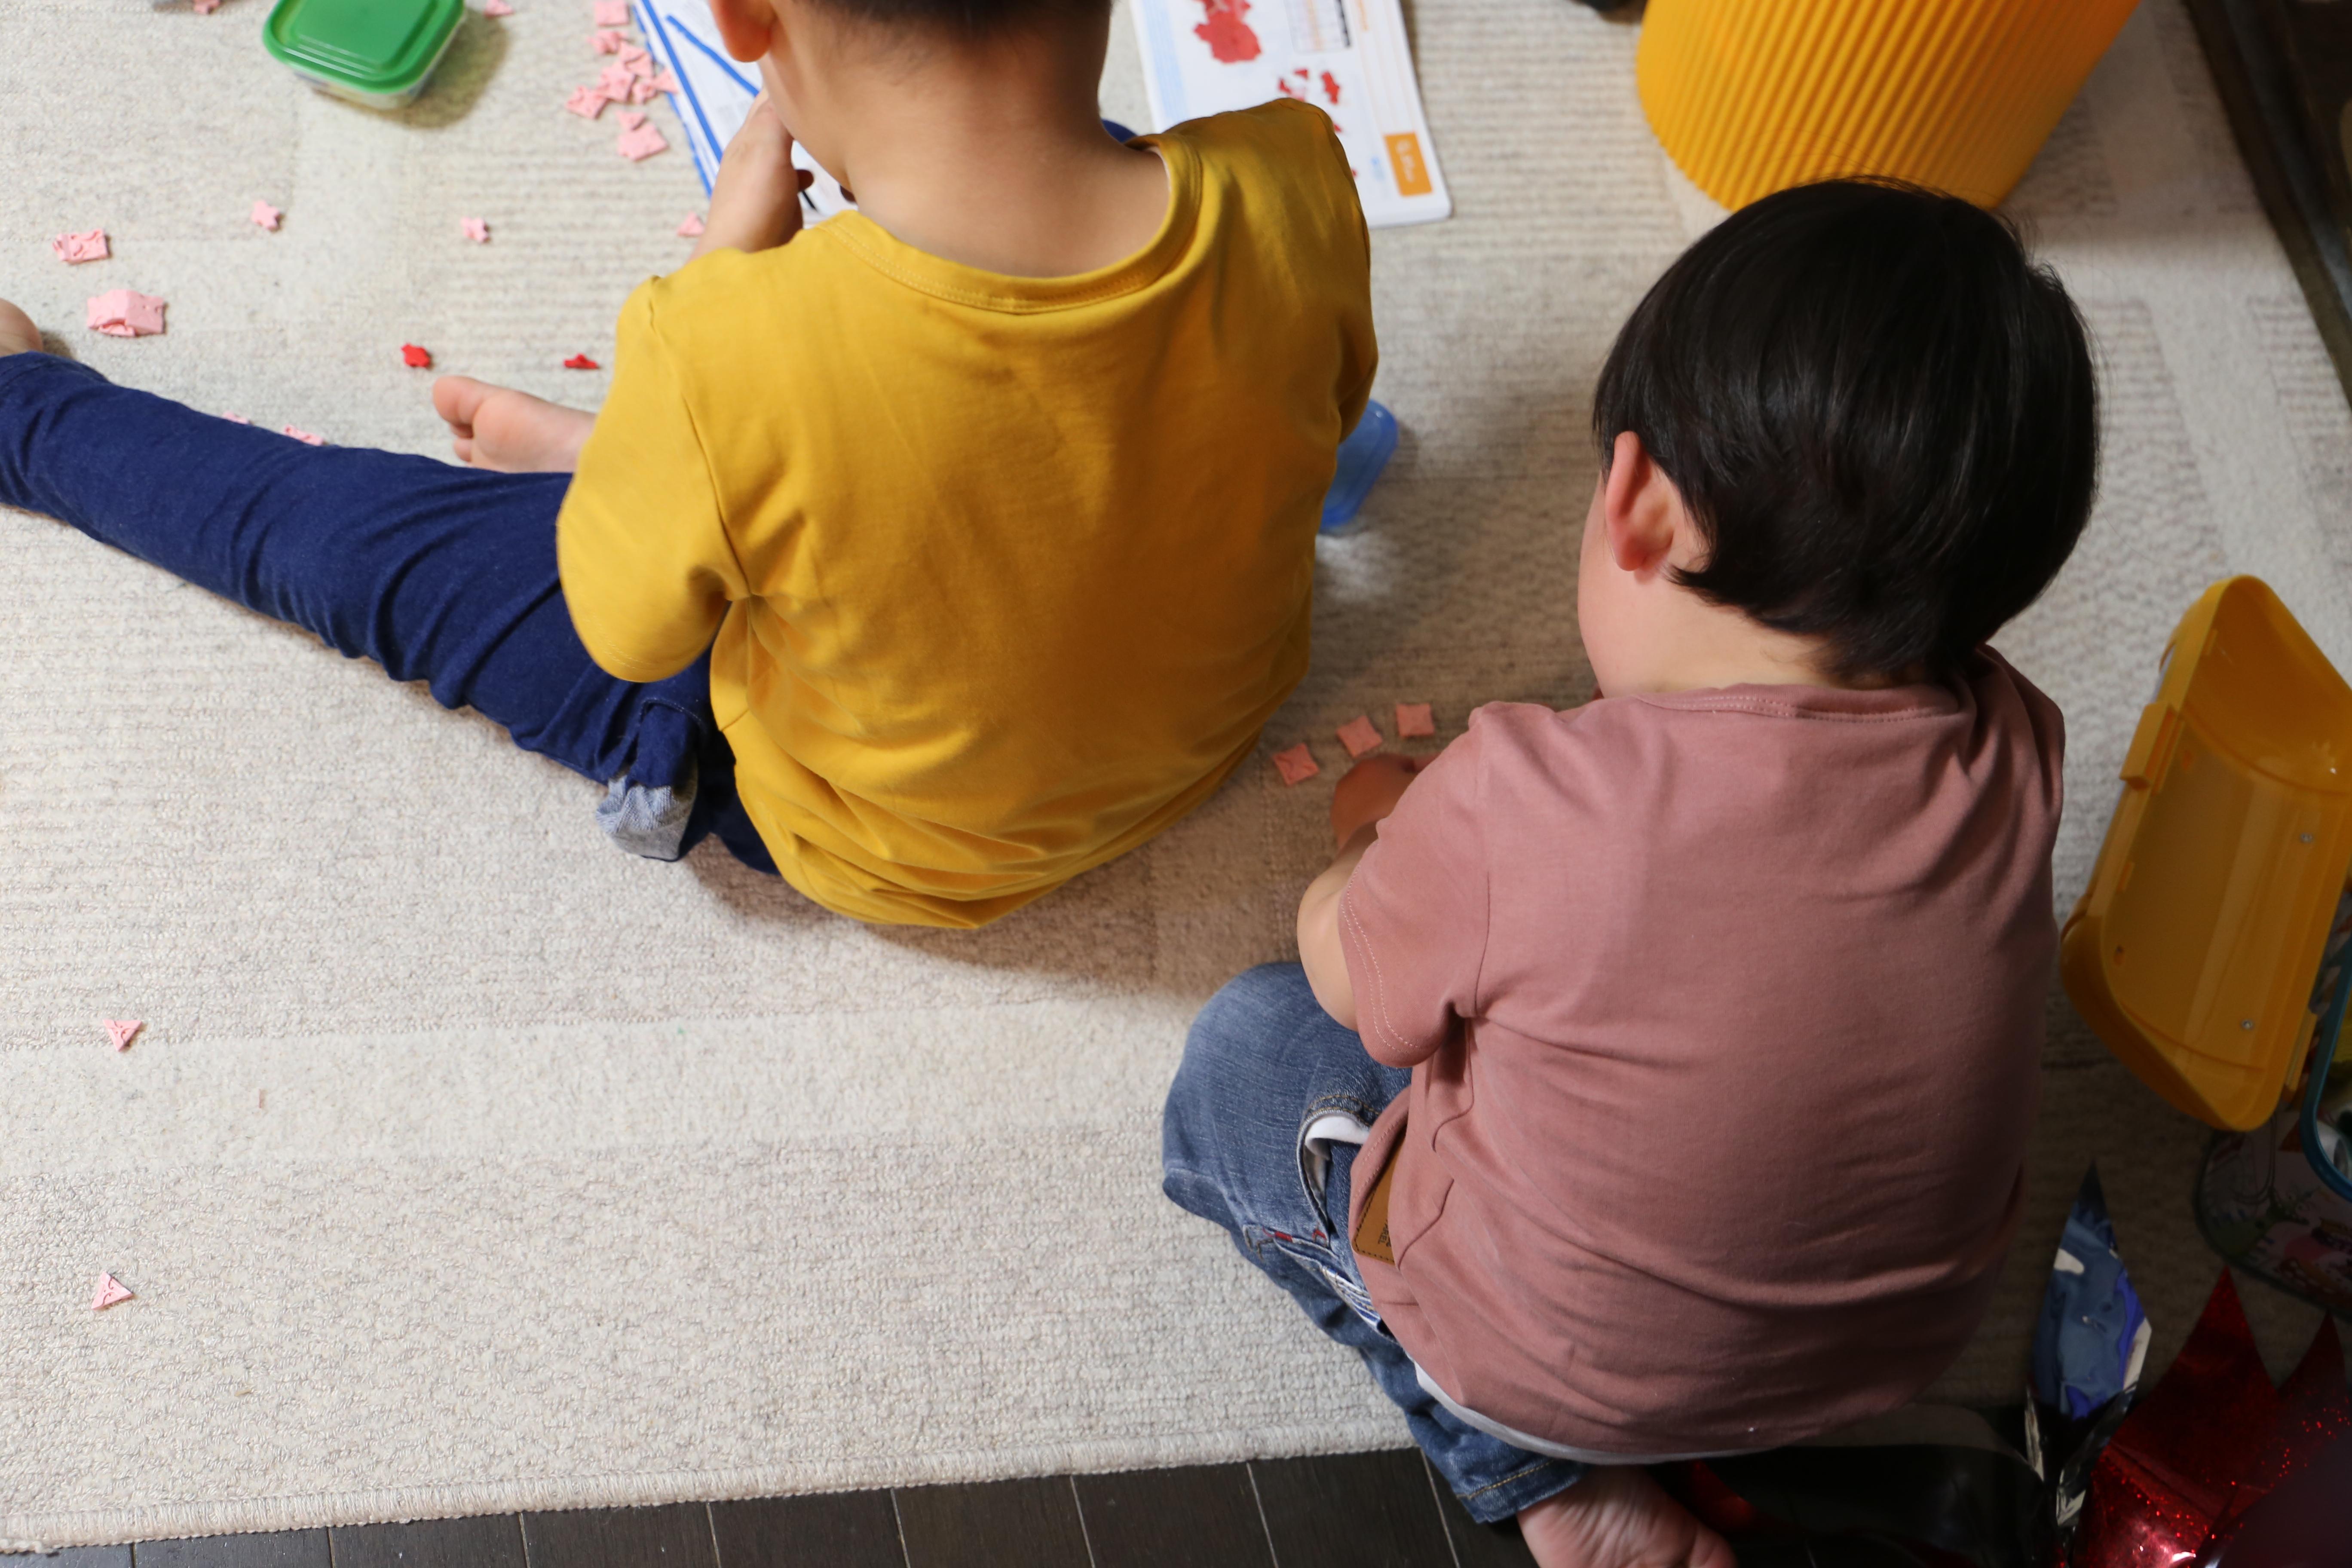 うちの子供たちのテレビ視聴時間 と、それにまつわるひと悶着